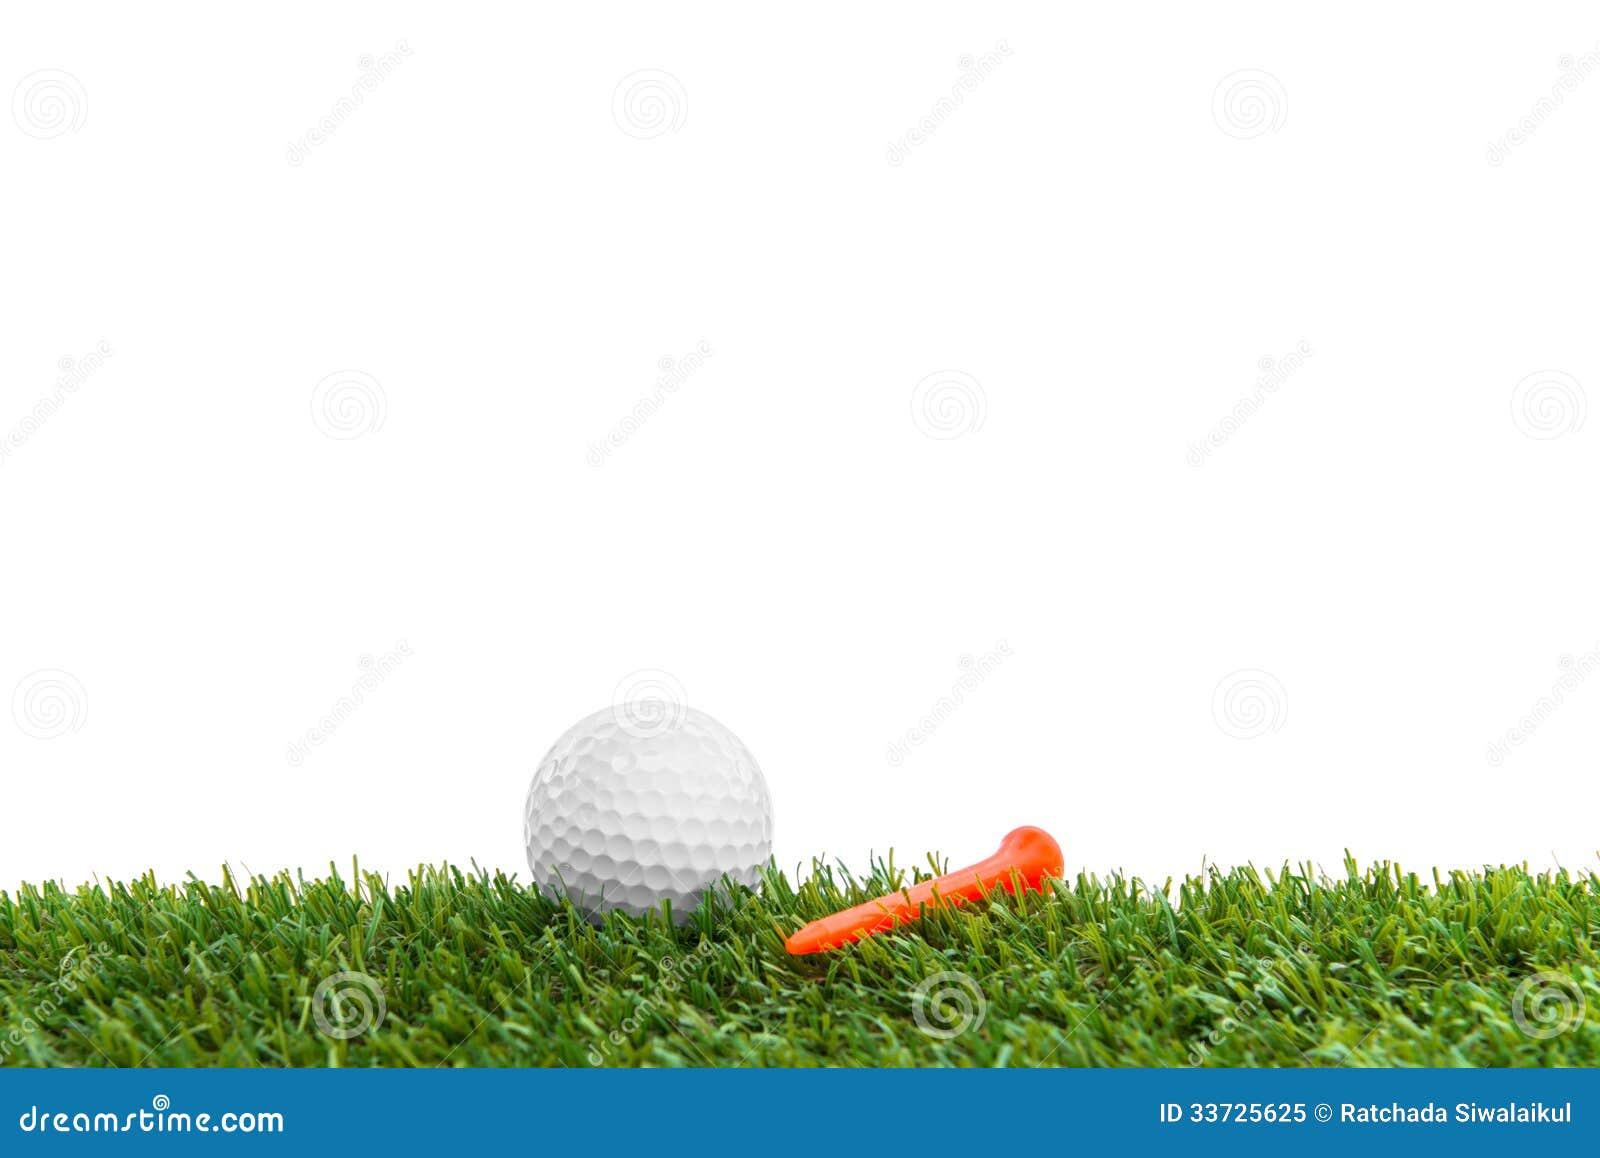 Golfball auf Kurs